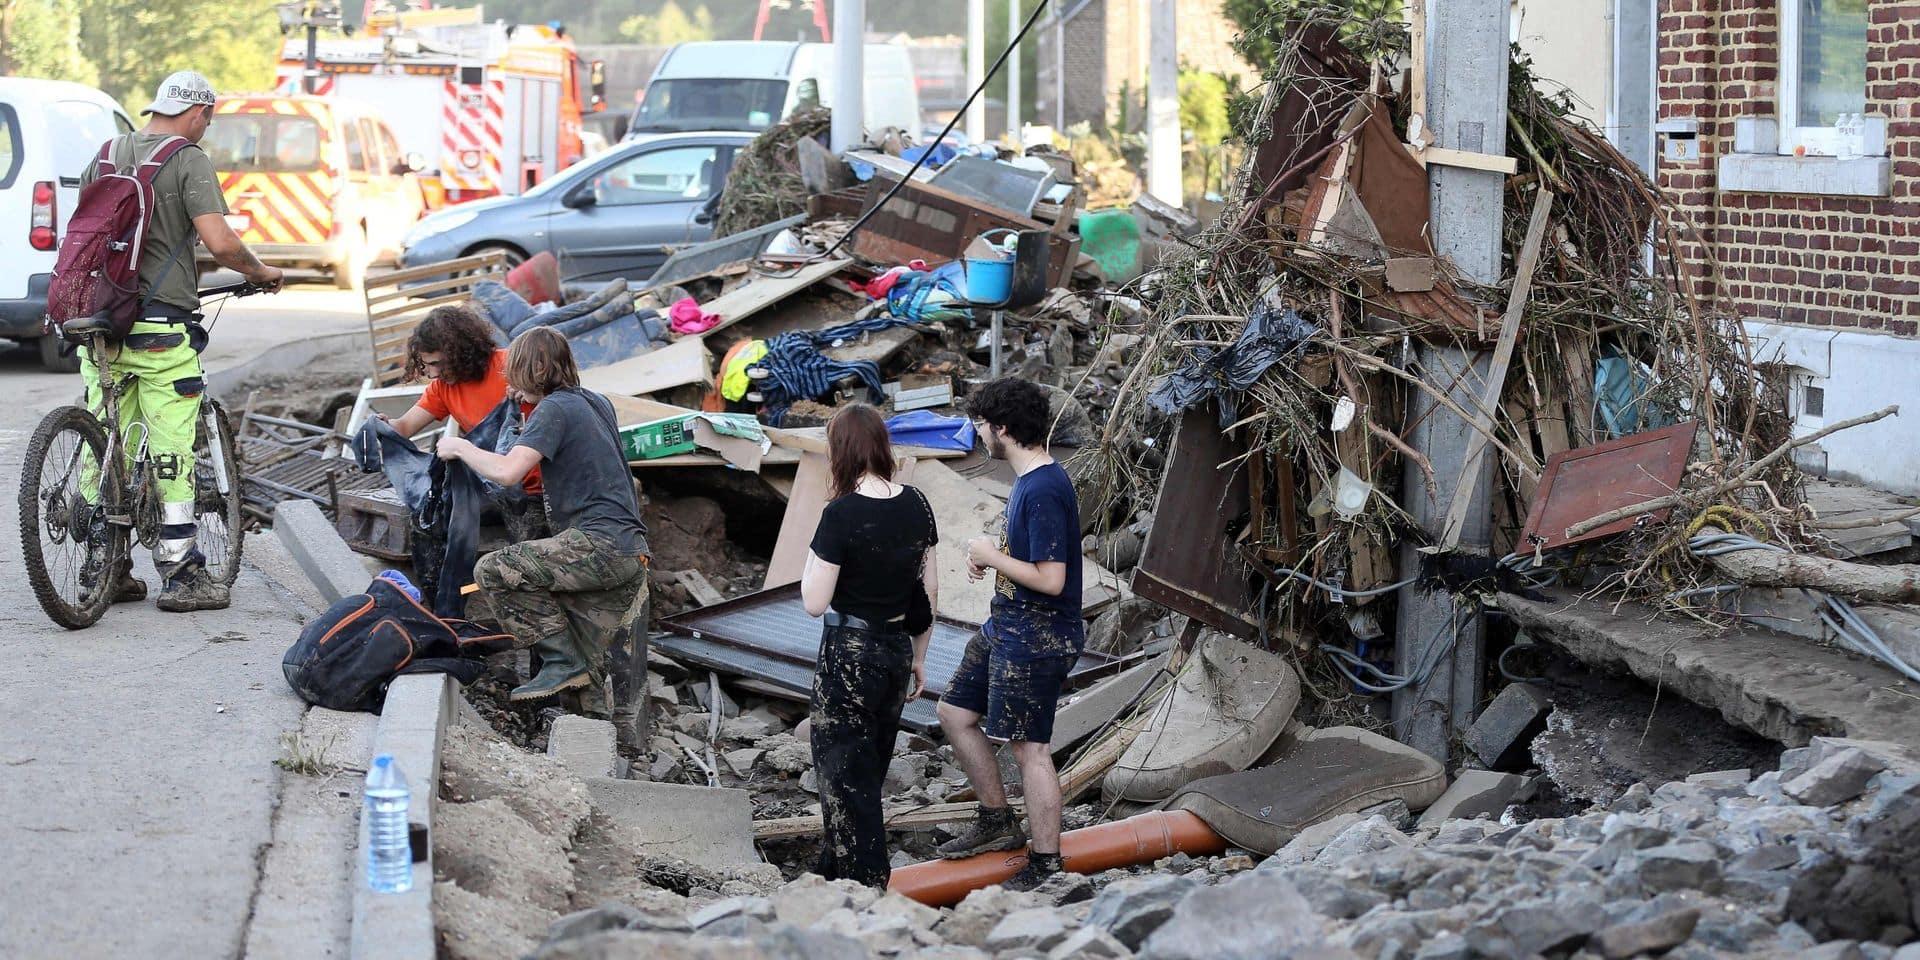 Chaudfontaine et son CPAS ouvrent un compte de solidarité pour venir en aide aux 4000 sinistrés de la Commune